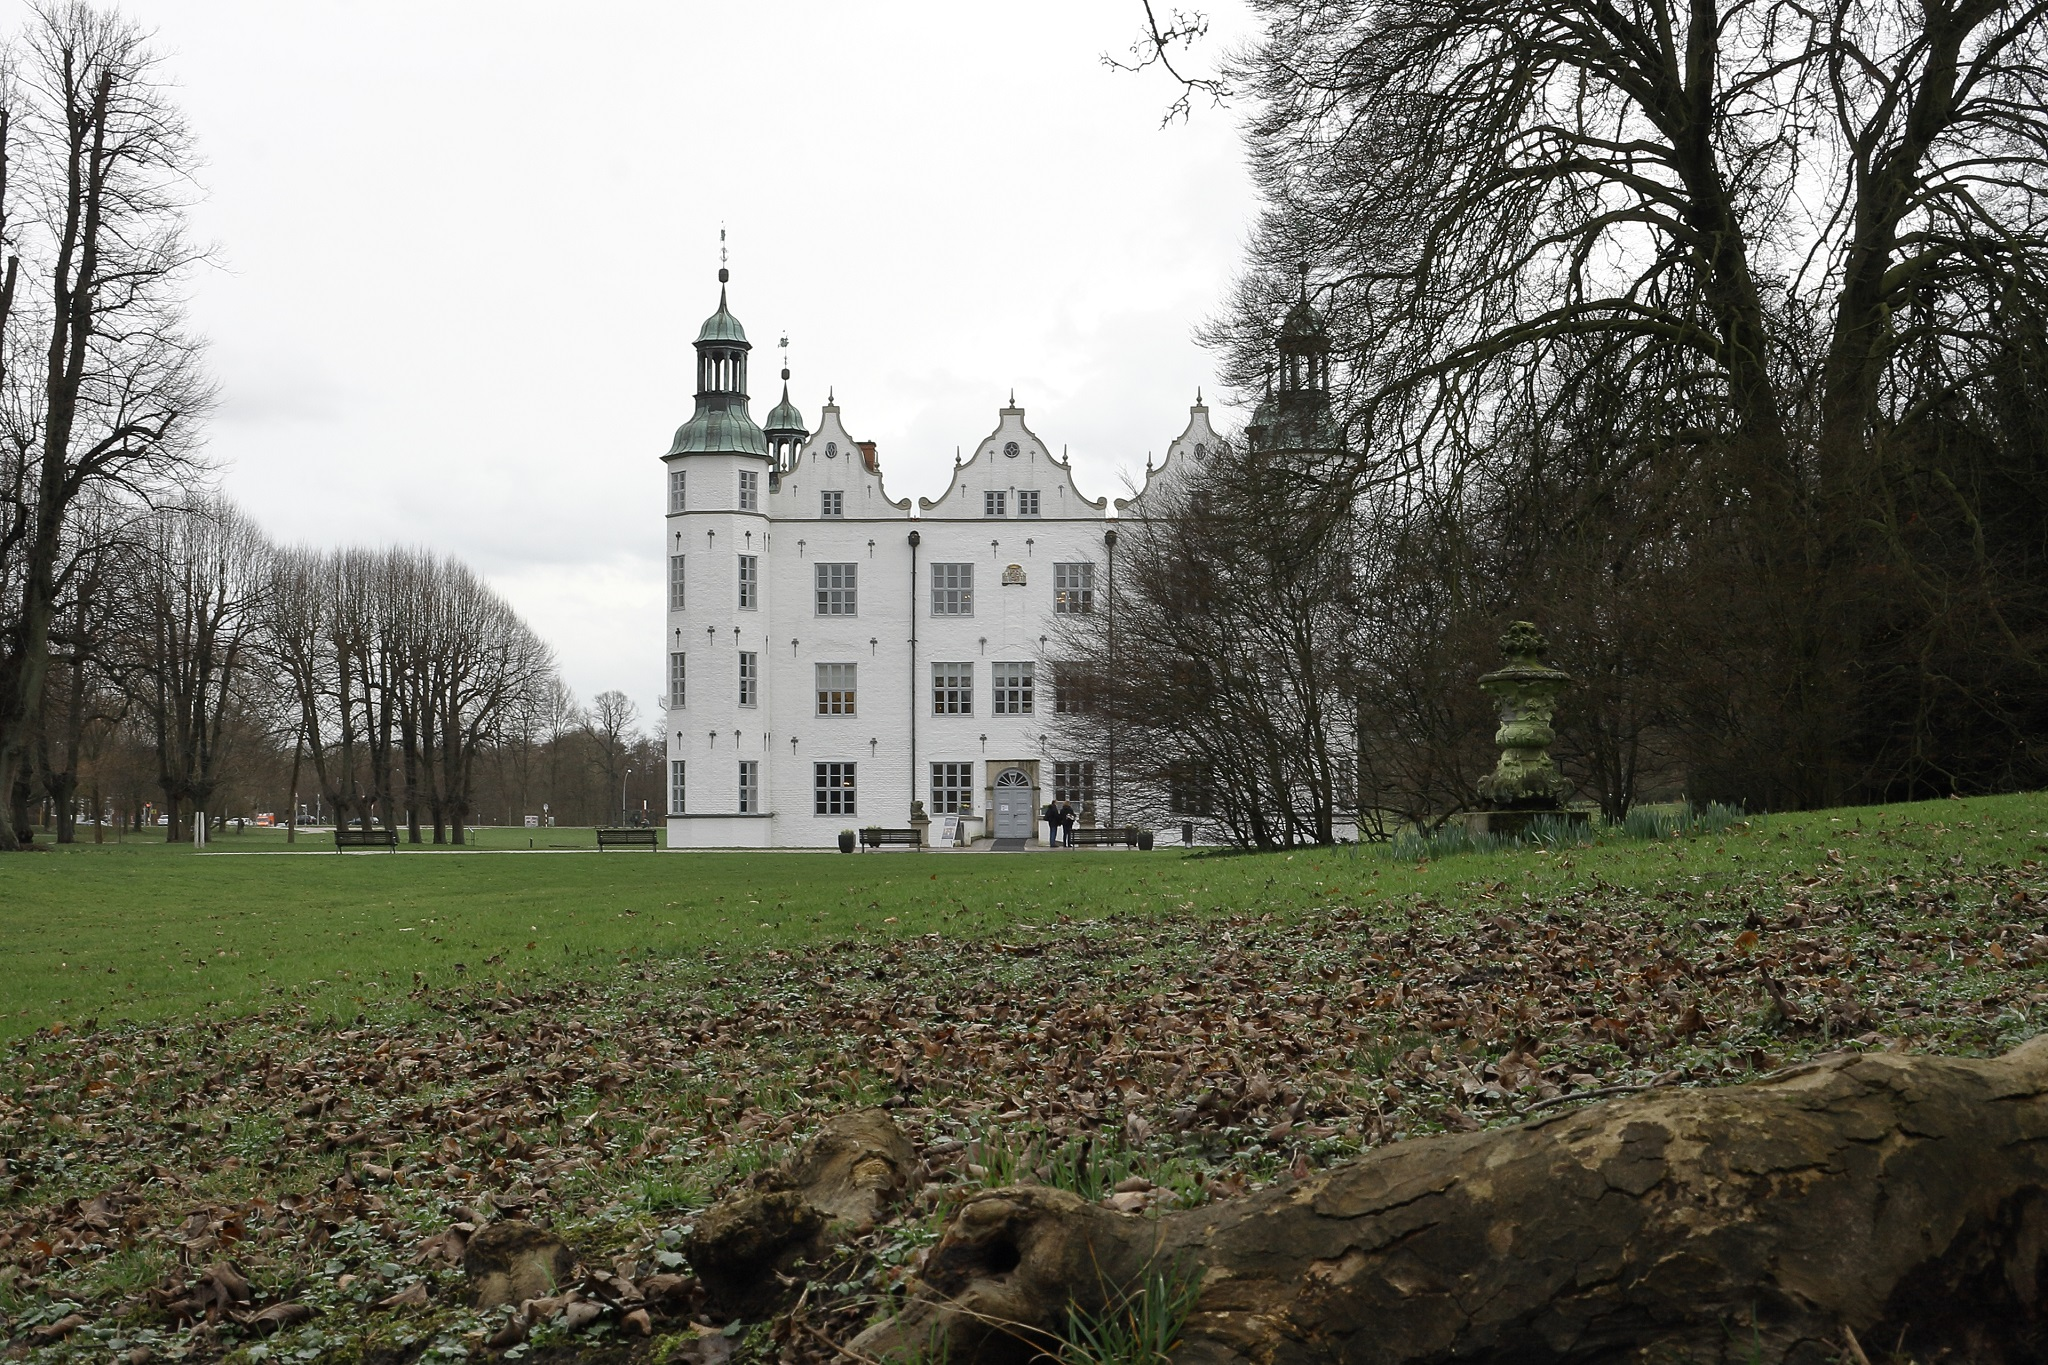 Schloss Ahrensburg - Landsitz der Familie Schimmelmann, die Mitte des 18 Jahrhunderts durch Porzellanhandel reich geworden war.